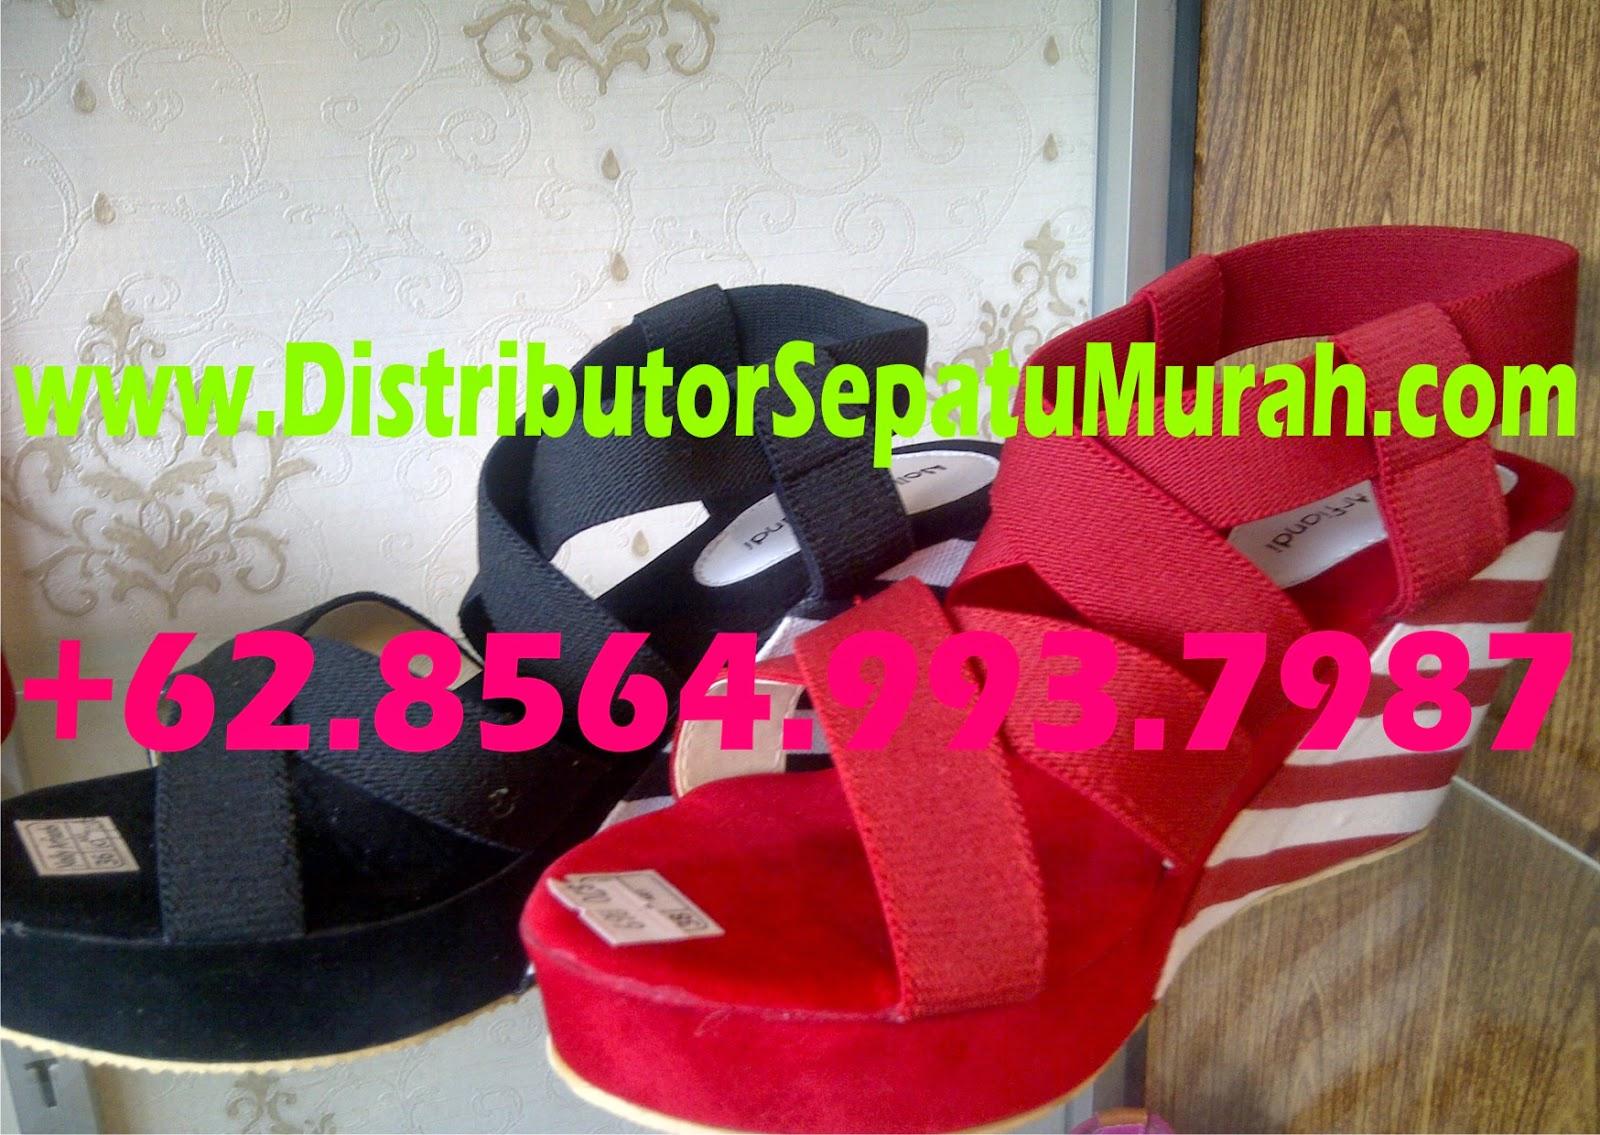 Sepatu Kantor Wanita Murah, Sepatu Kantor Pria, Sepatu Kantor Wanita Terbaru, www.distributorsepatumurah.com